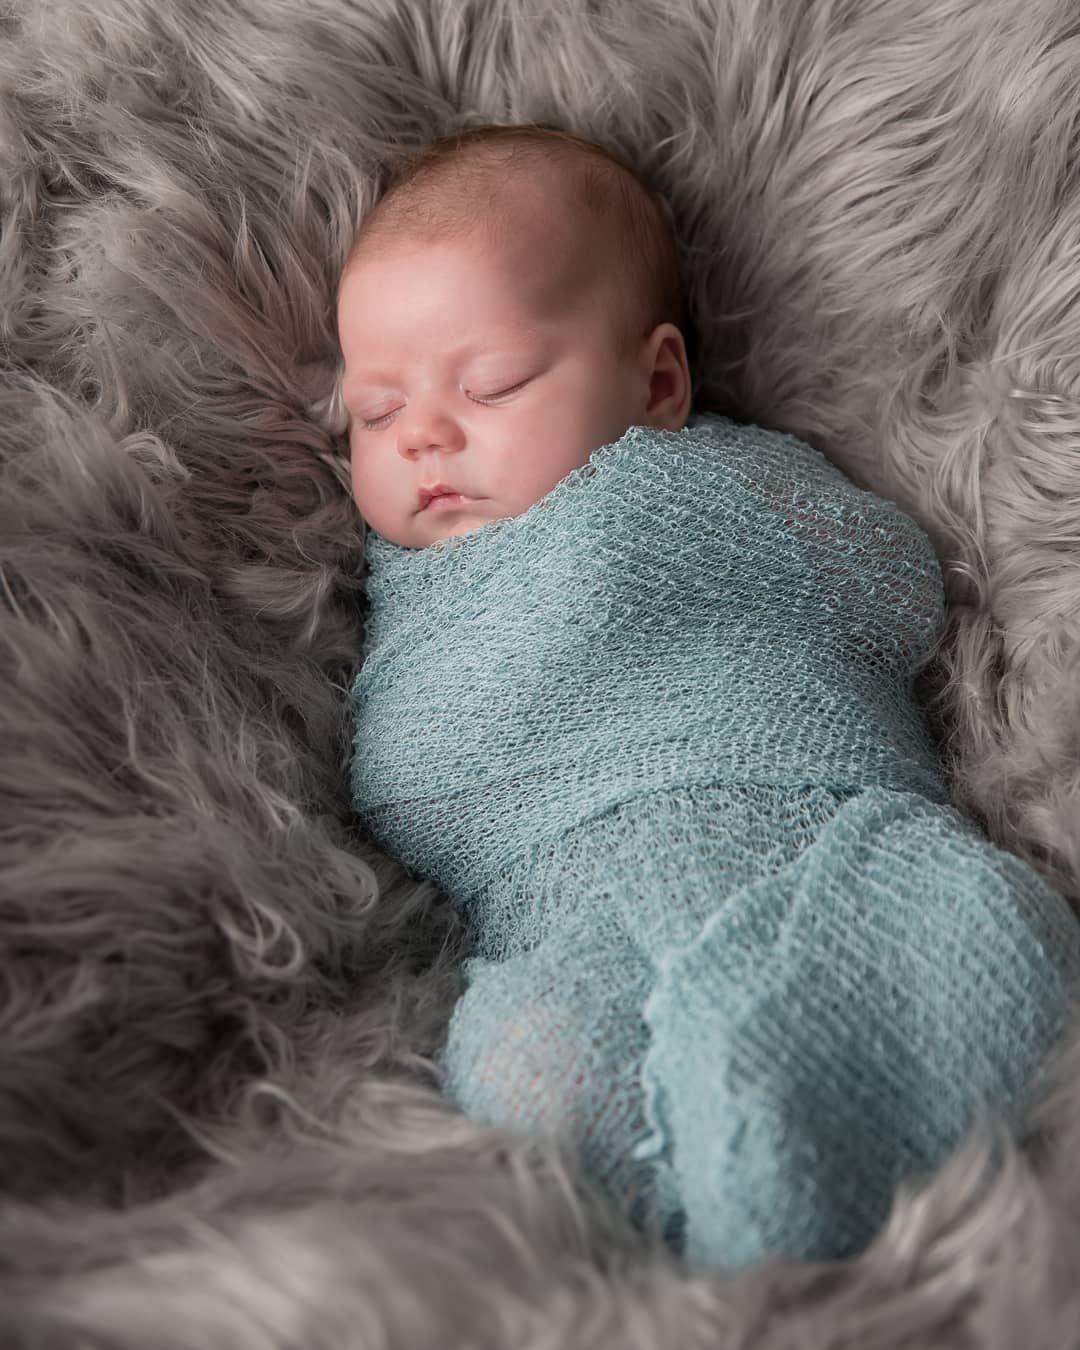 Newborn baby boy 6 weeks old older newborn session